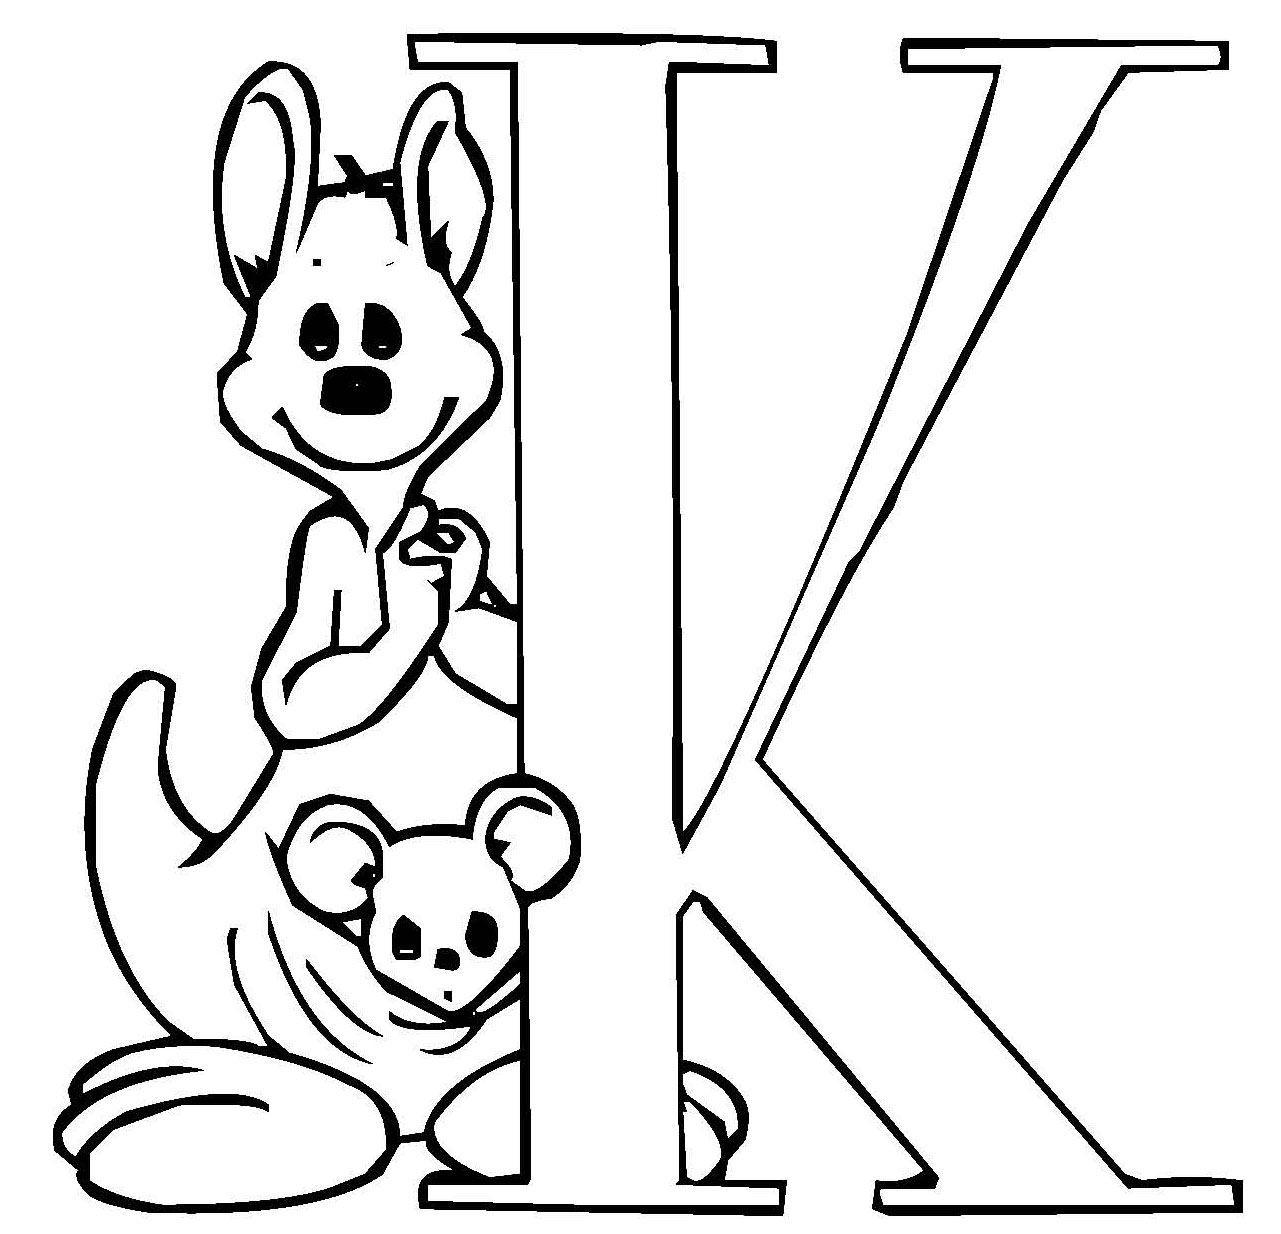 Ausmalbild Buchstaben Lernen Kostenlose Malvorlage Niedliche Schrift K Kostenlos Ausdrucken Buchstaben Lernen Ausmalbild Alphabet Malvorlagen